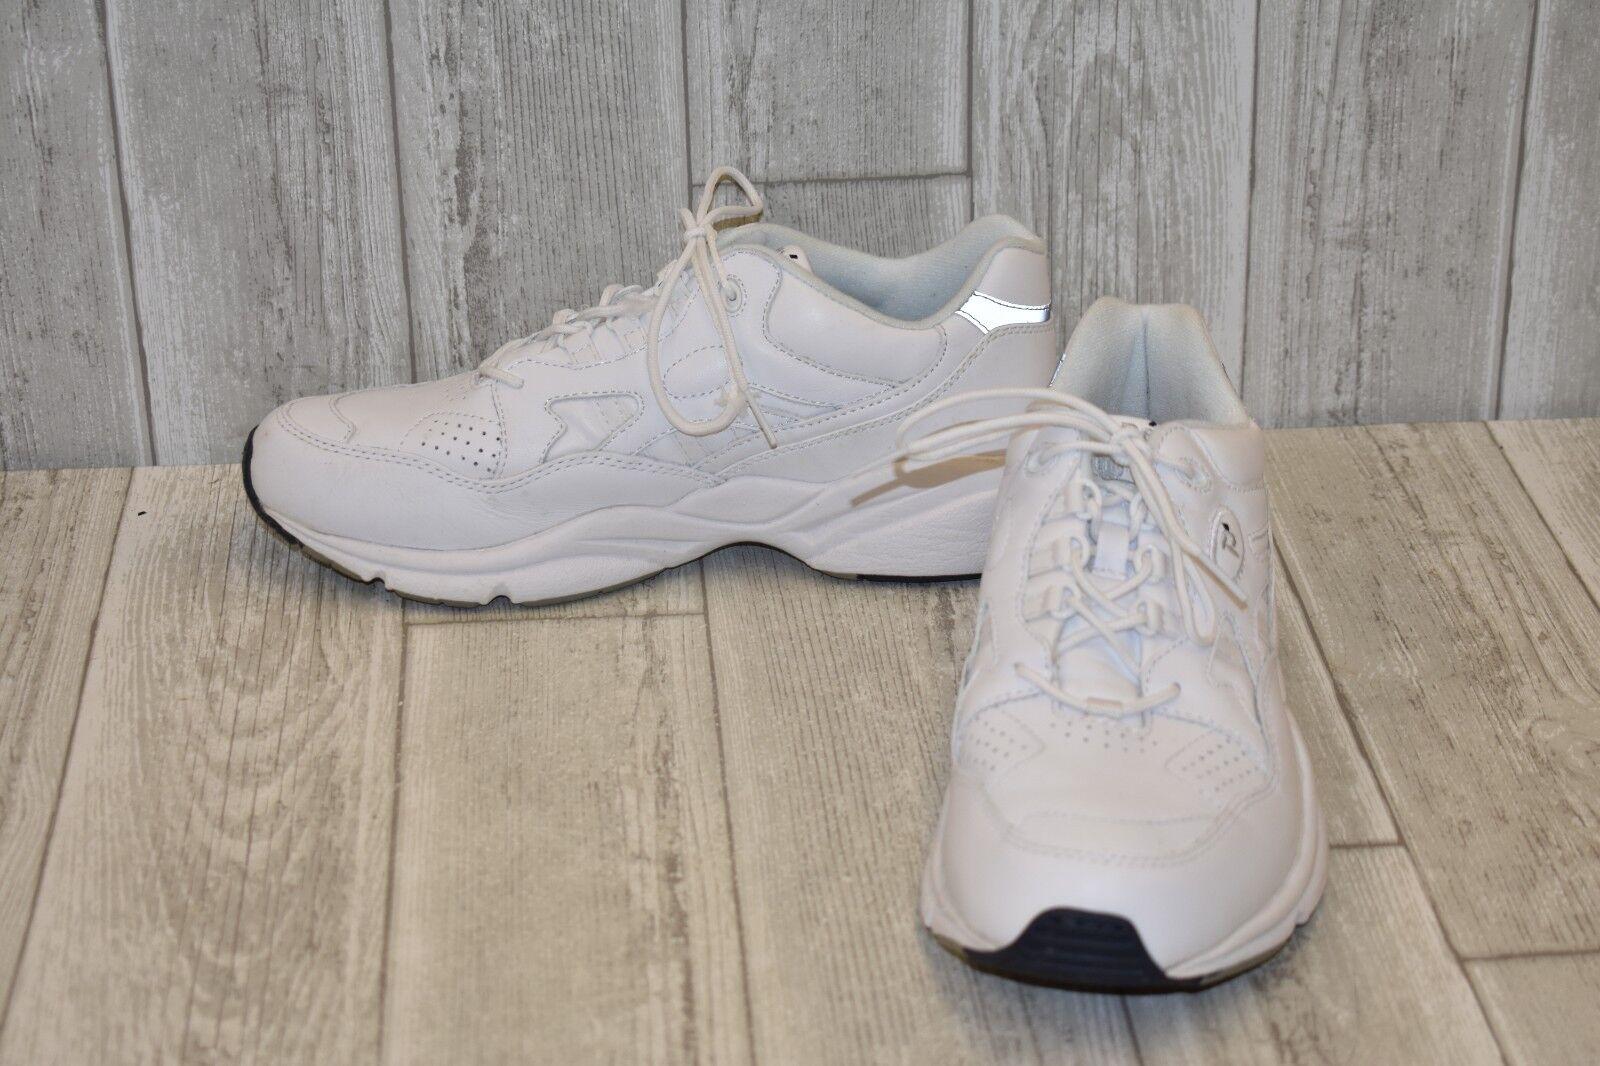 Propet Stability Walker Sneaker-Men's Size 11D White